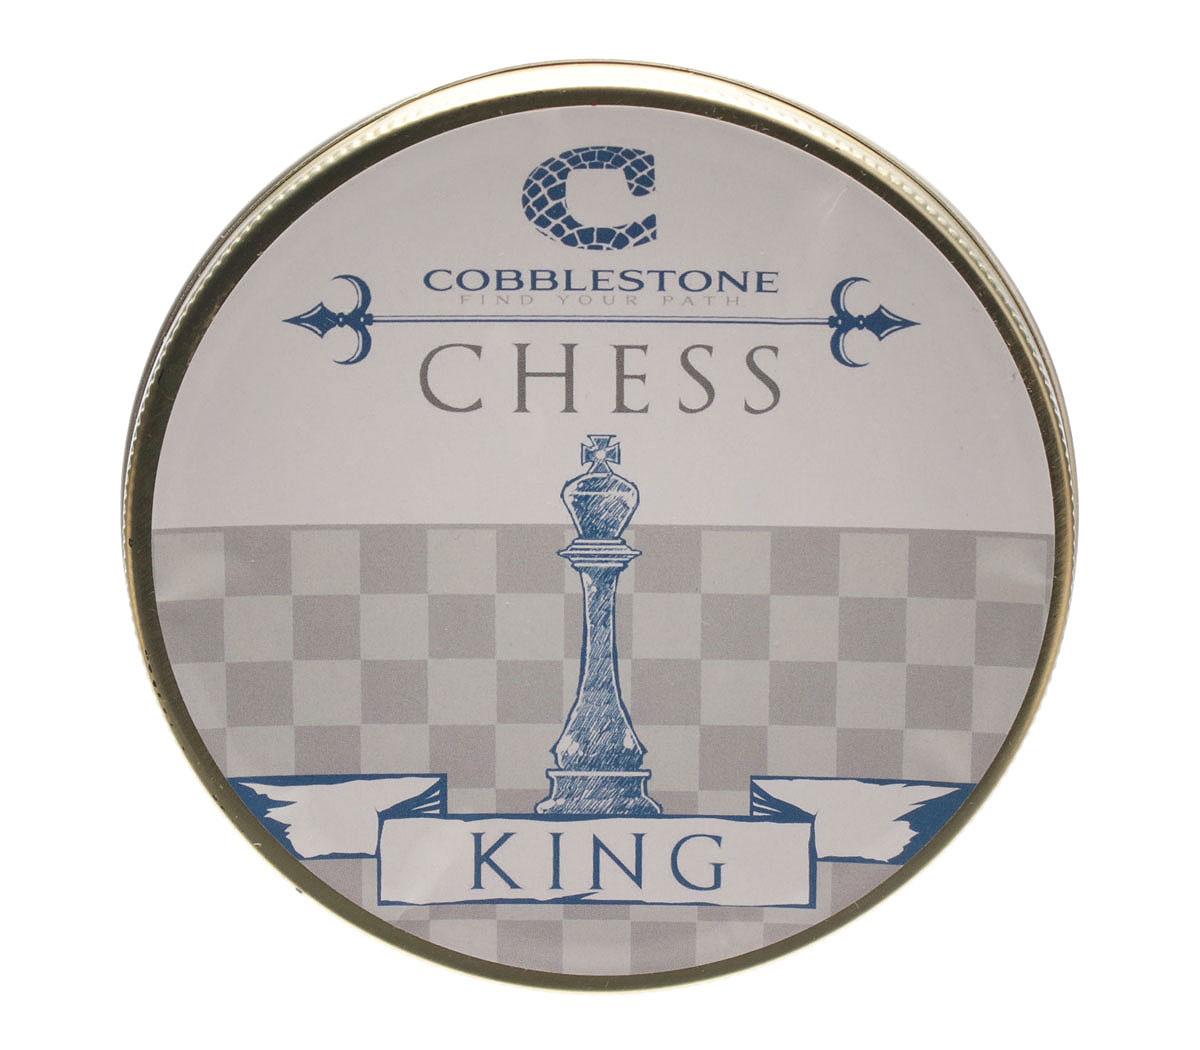 Cobblestone Chess King 1.75oz